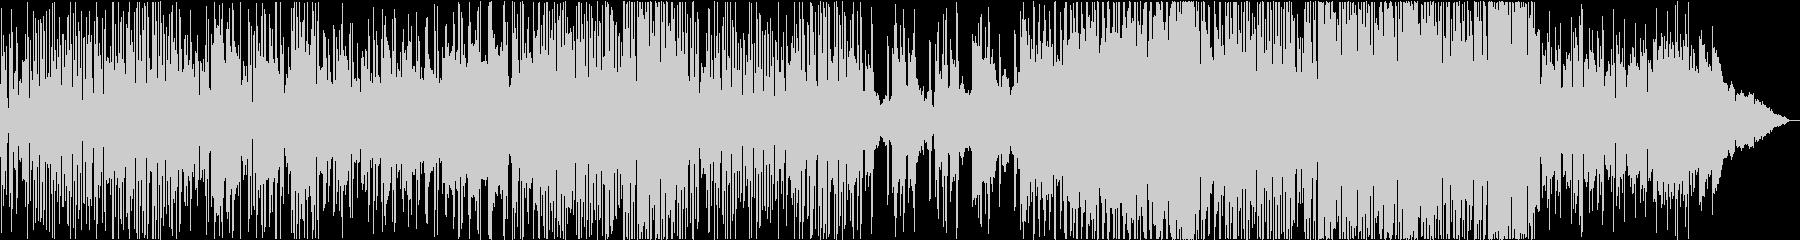 シリアス、華麗なる生演奏アコギの未再生の波形